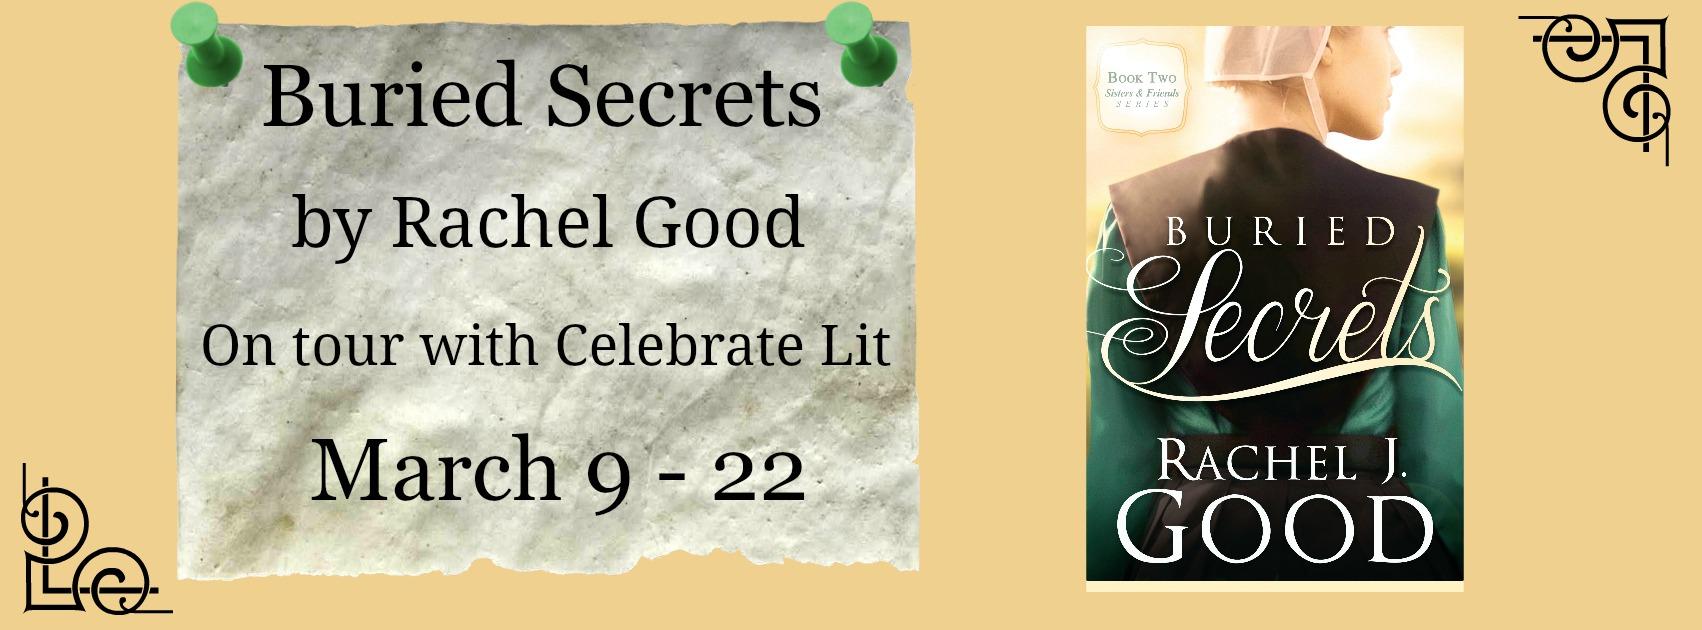 Buried Secrets FB Cover